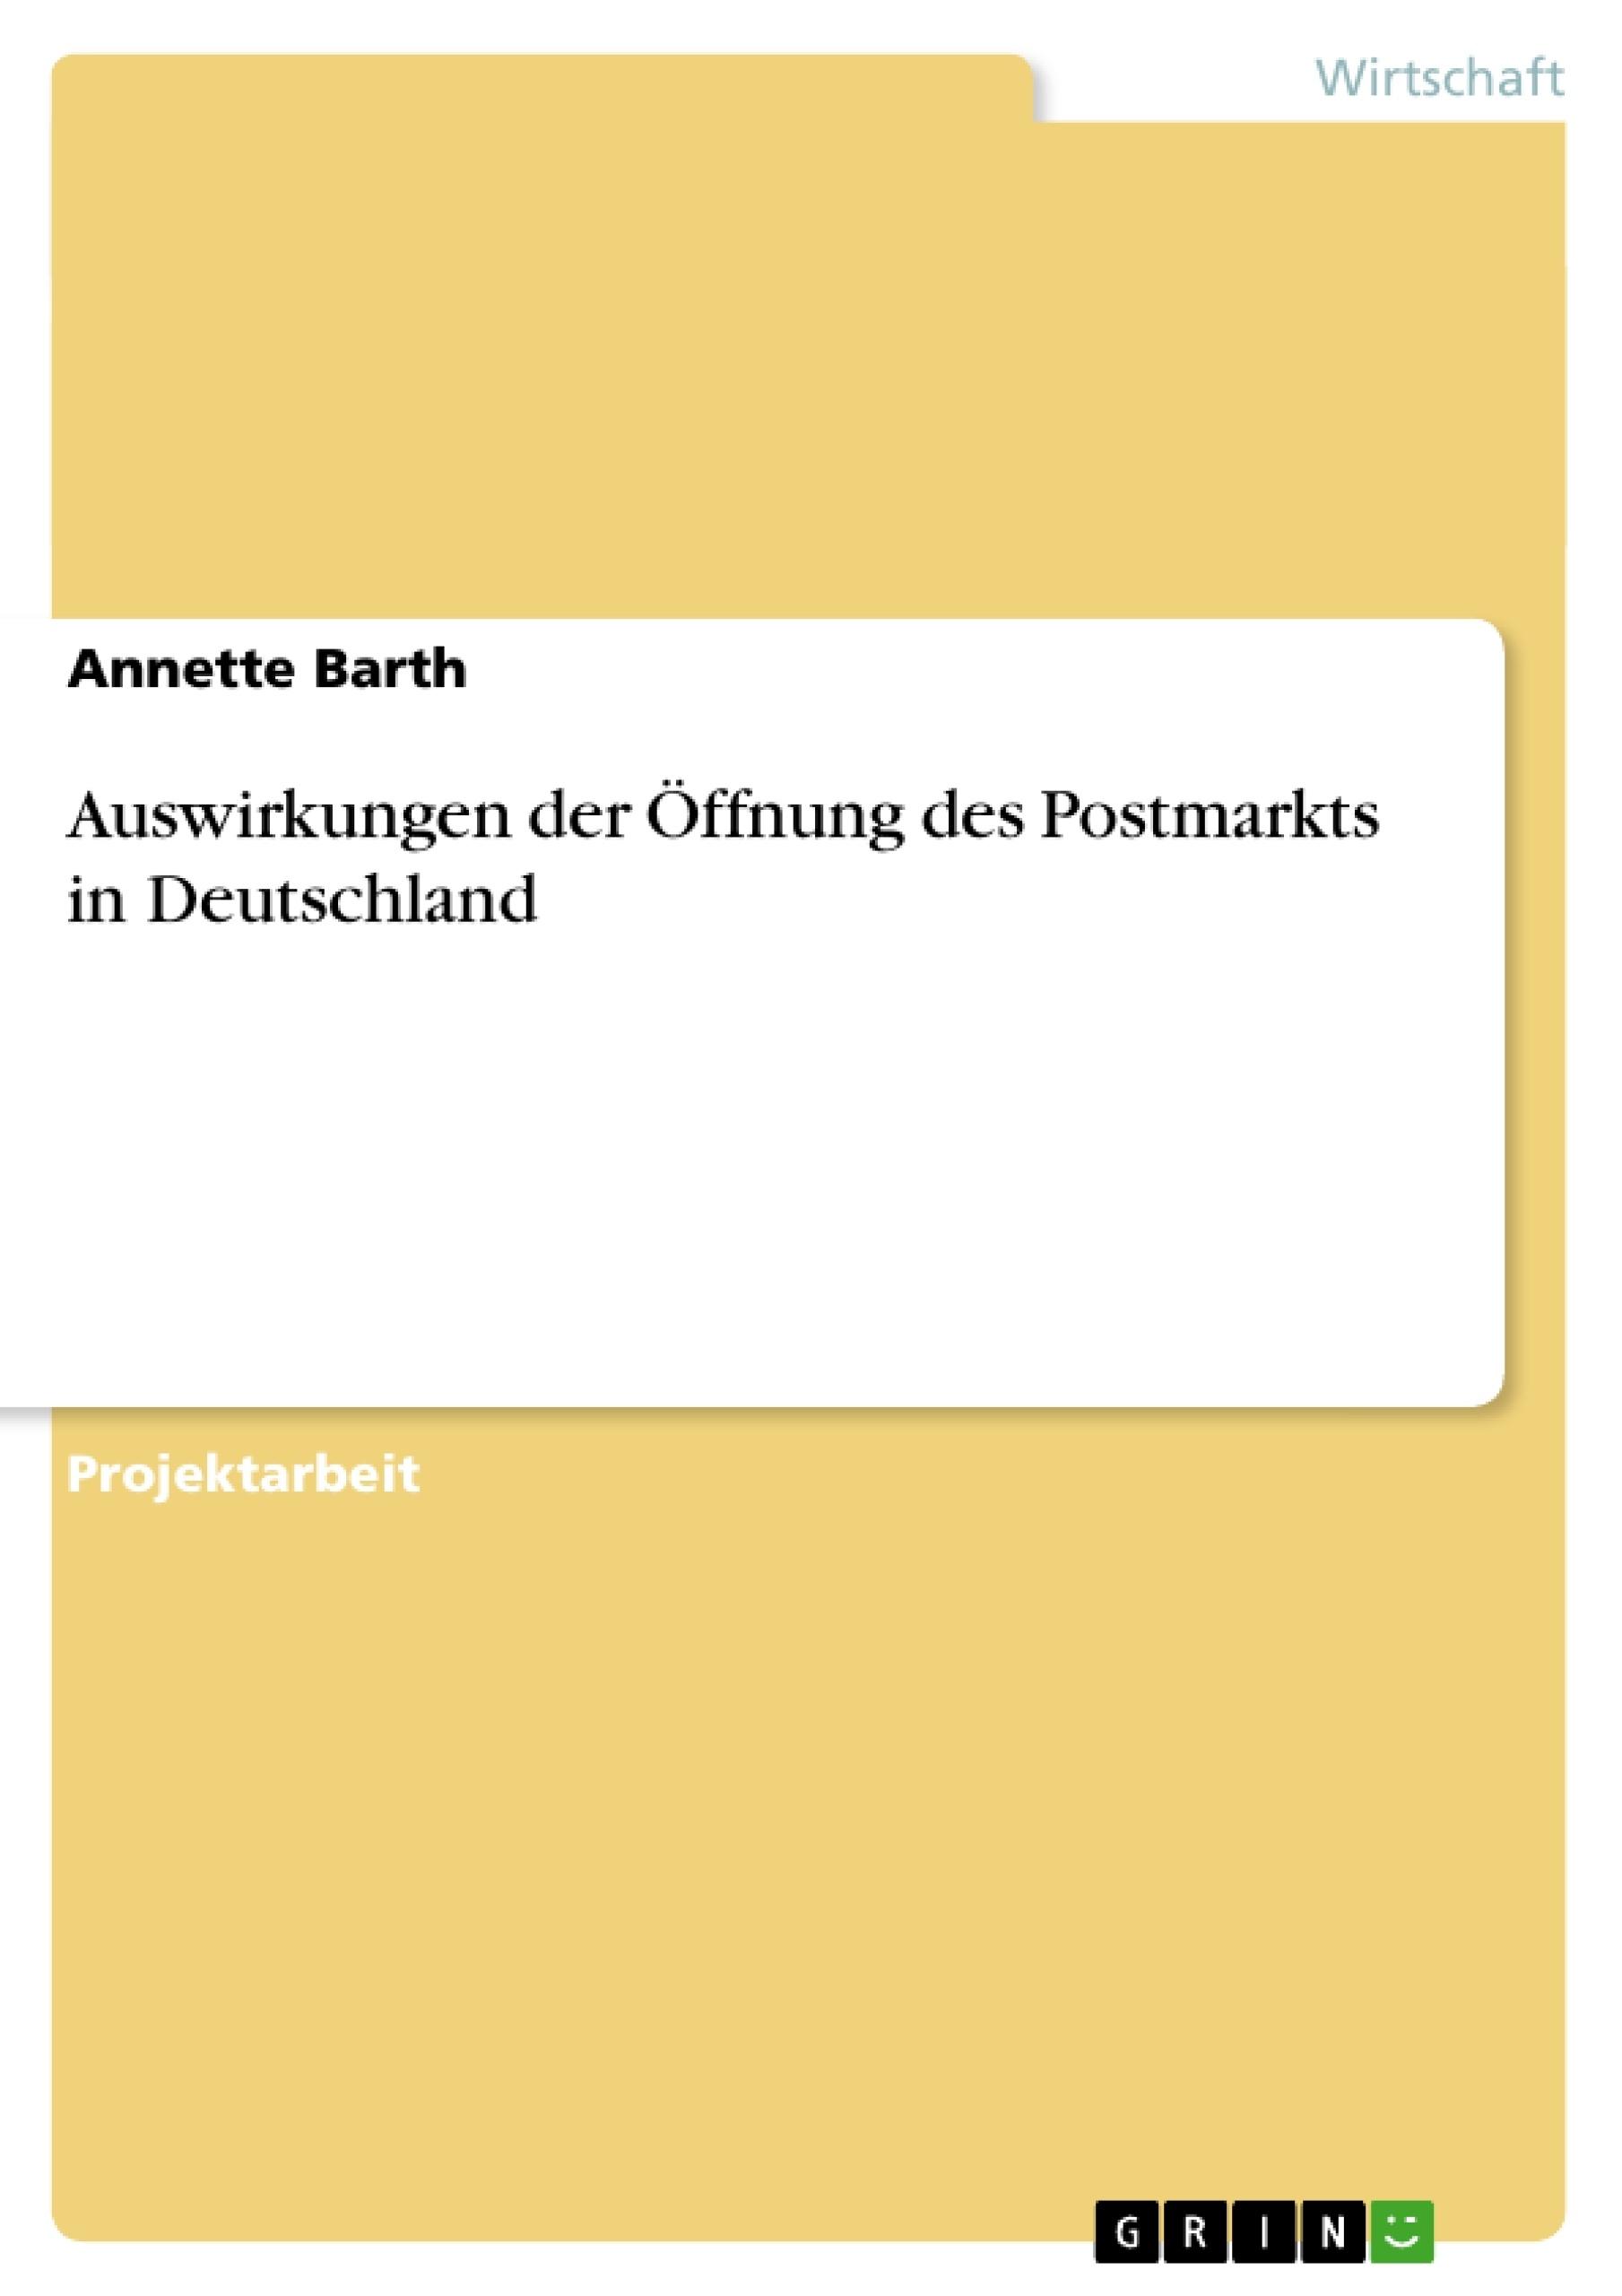 Titel: Auswirkungen der Öffnung des Postmarkts in Deutschland